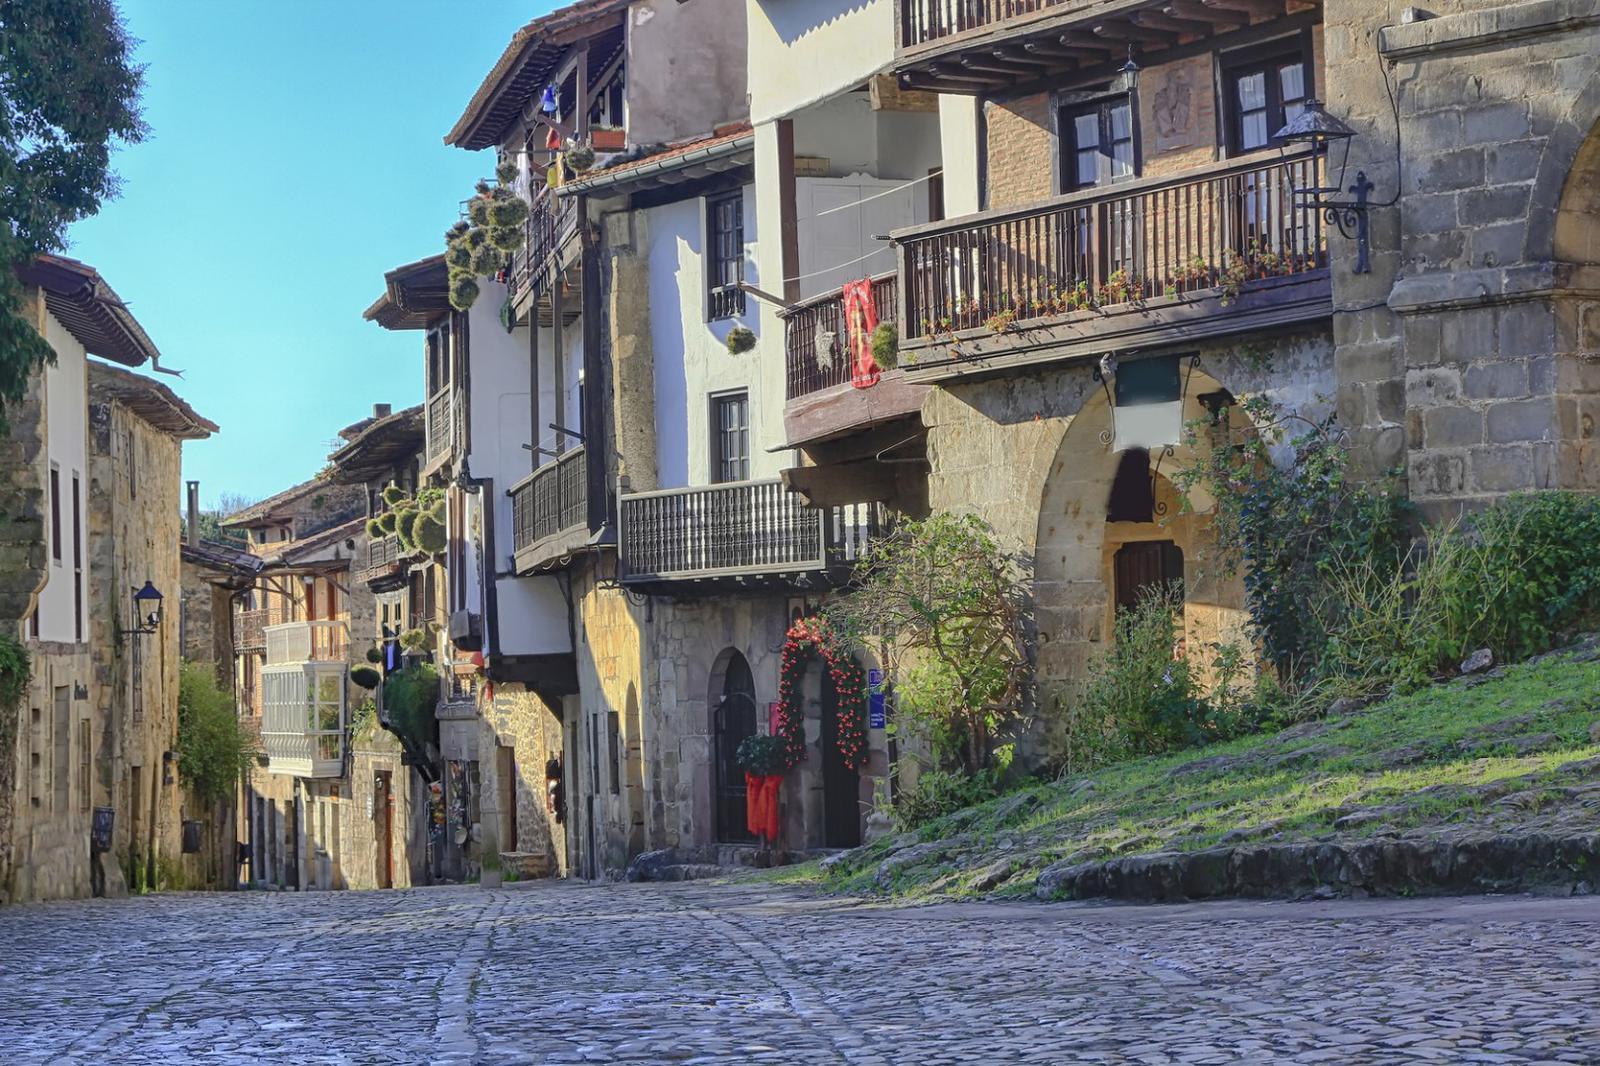 pueblos medievales Streets typical of old world heritage village of Santillana del